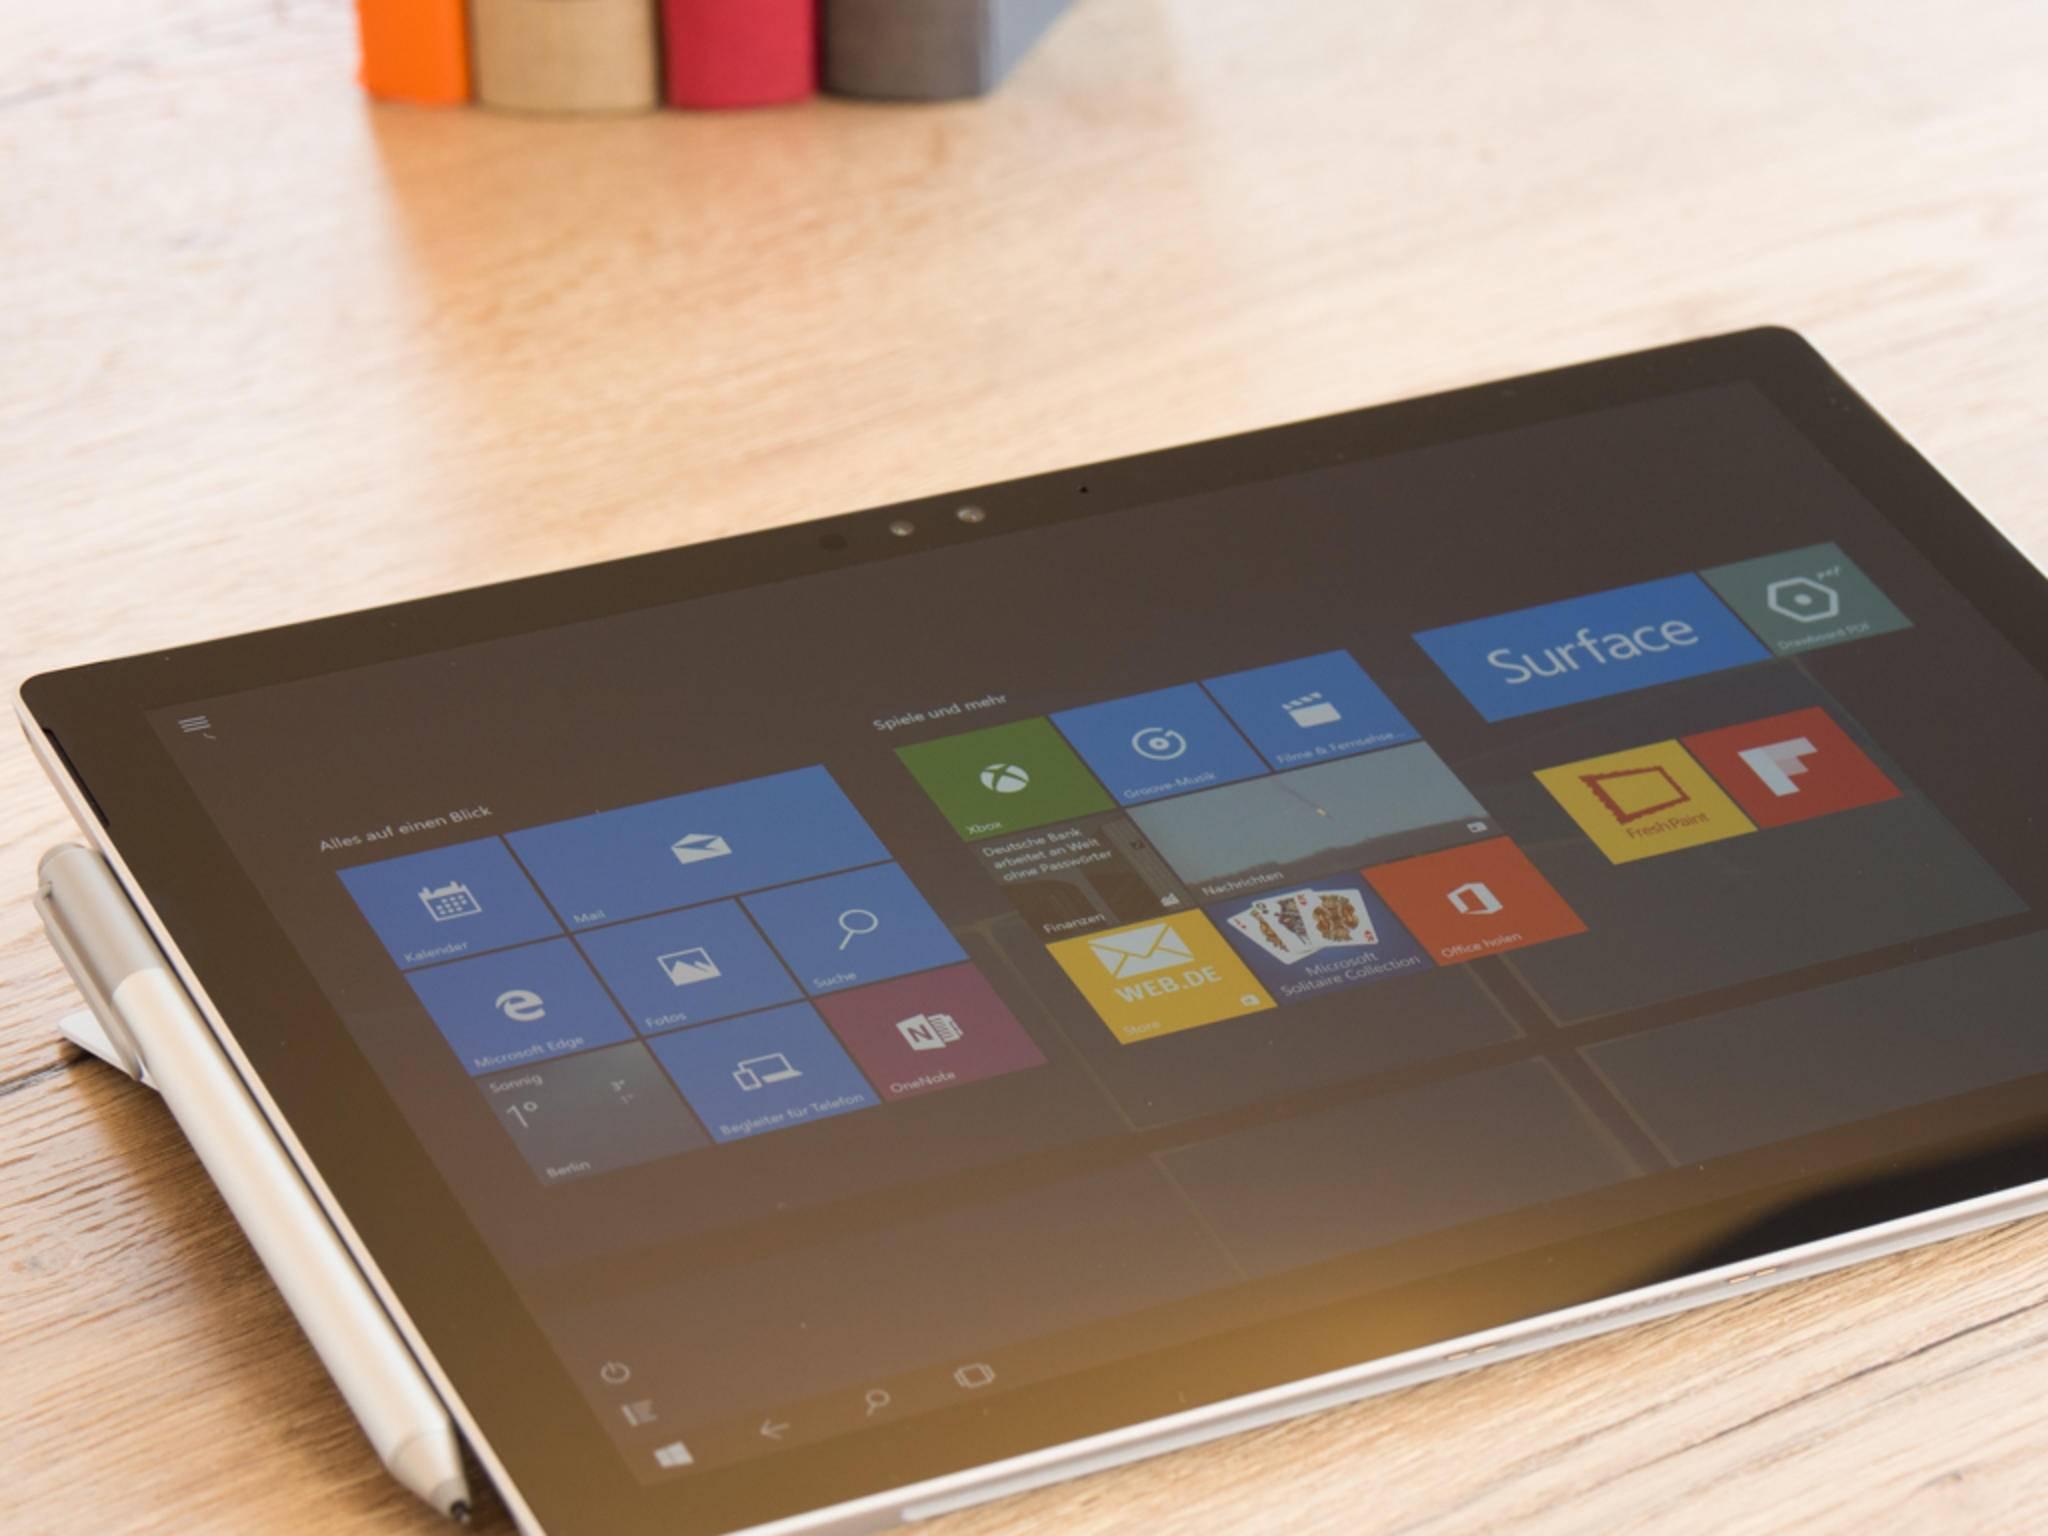 Dadurch kann der Surface Pen einfach angeheftet werden.